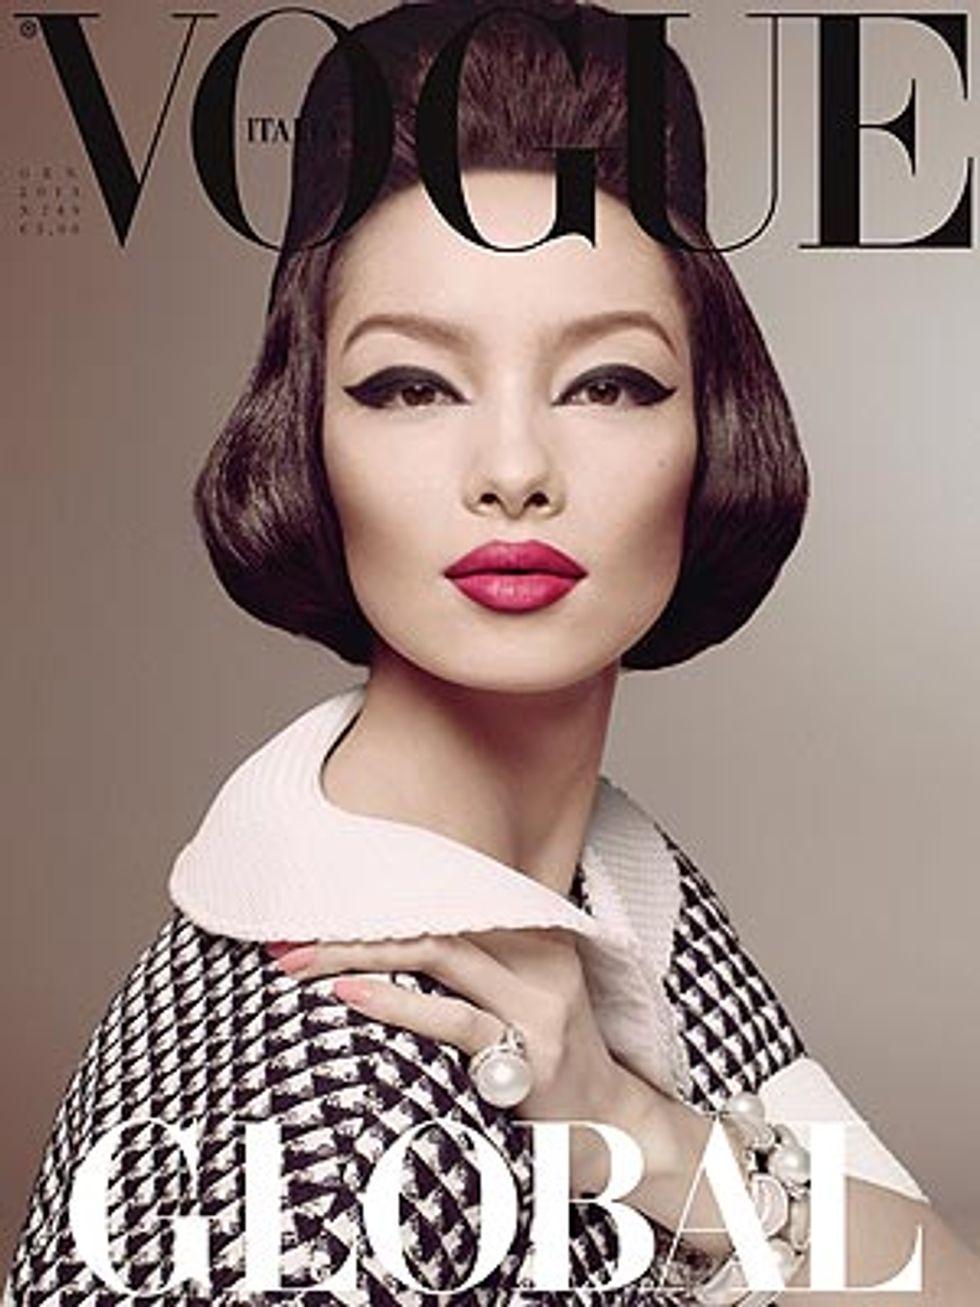 Vogue Italia, per la prima volta la cover è per una modella asiatica